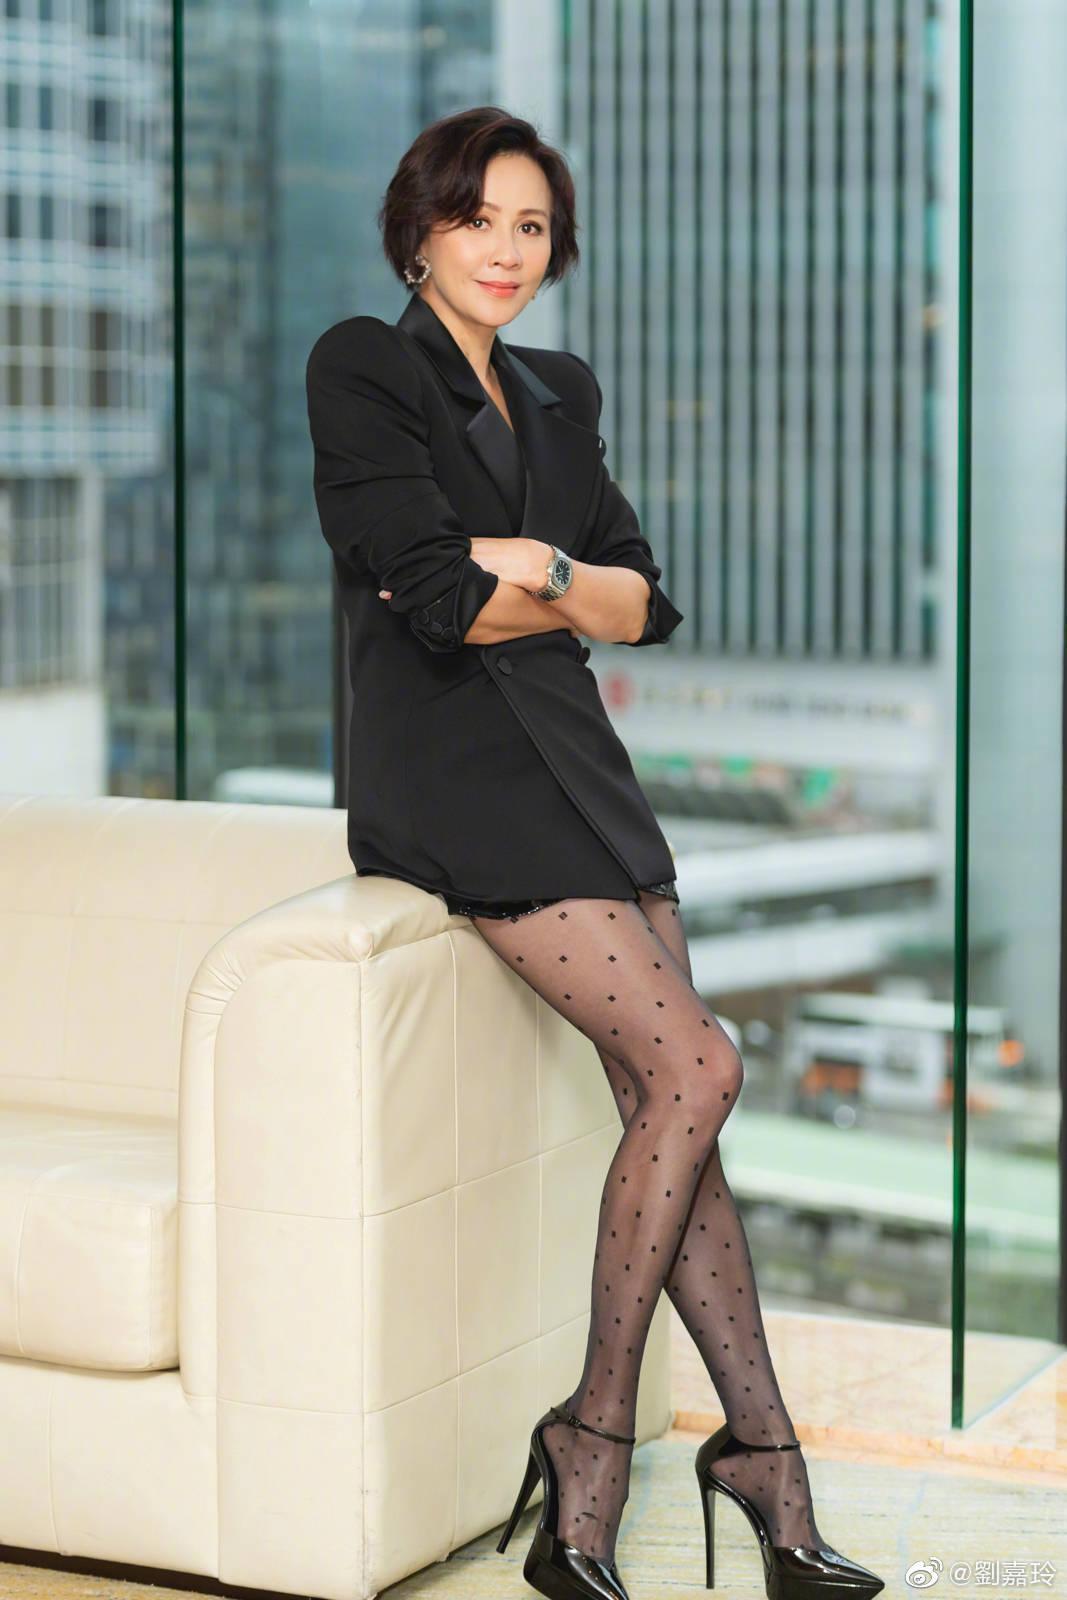 劉嘉玲熱衷投資房地產,在香港、北京、上海等地都有豪宅。(翻攝自劉嘉玲微博)